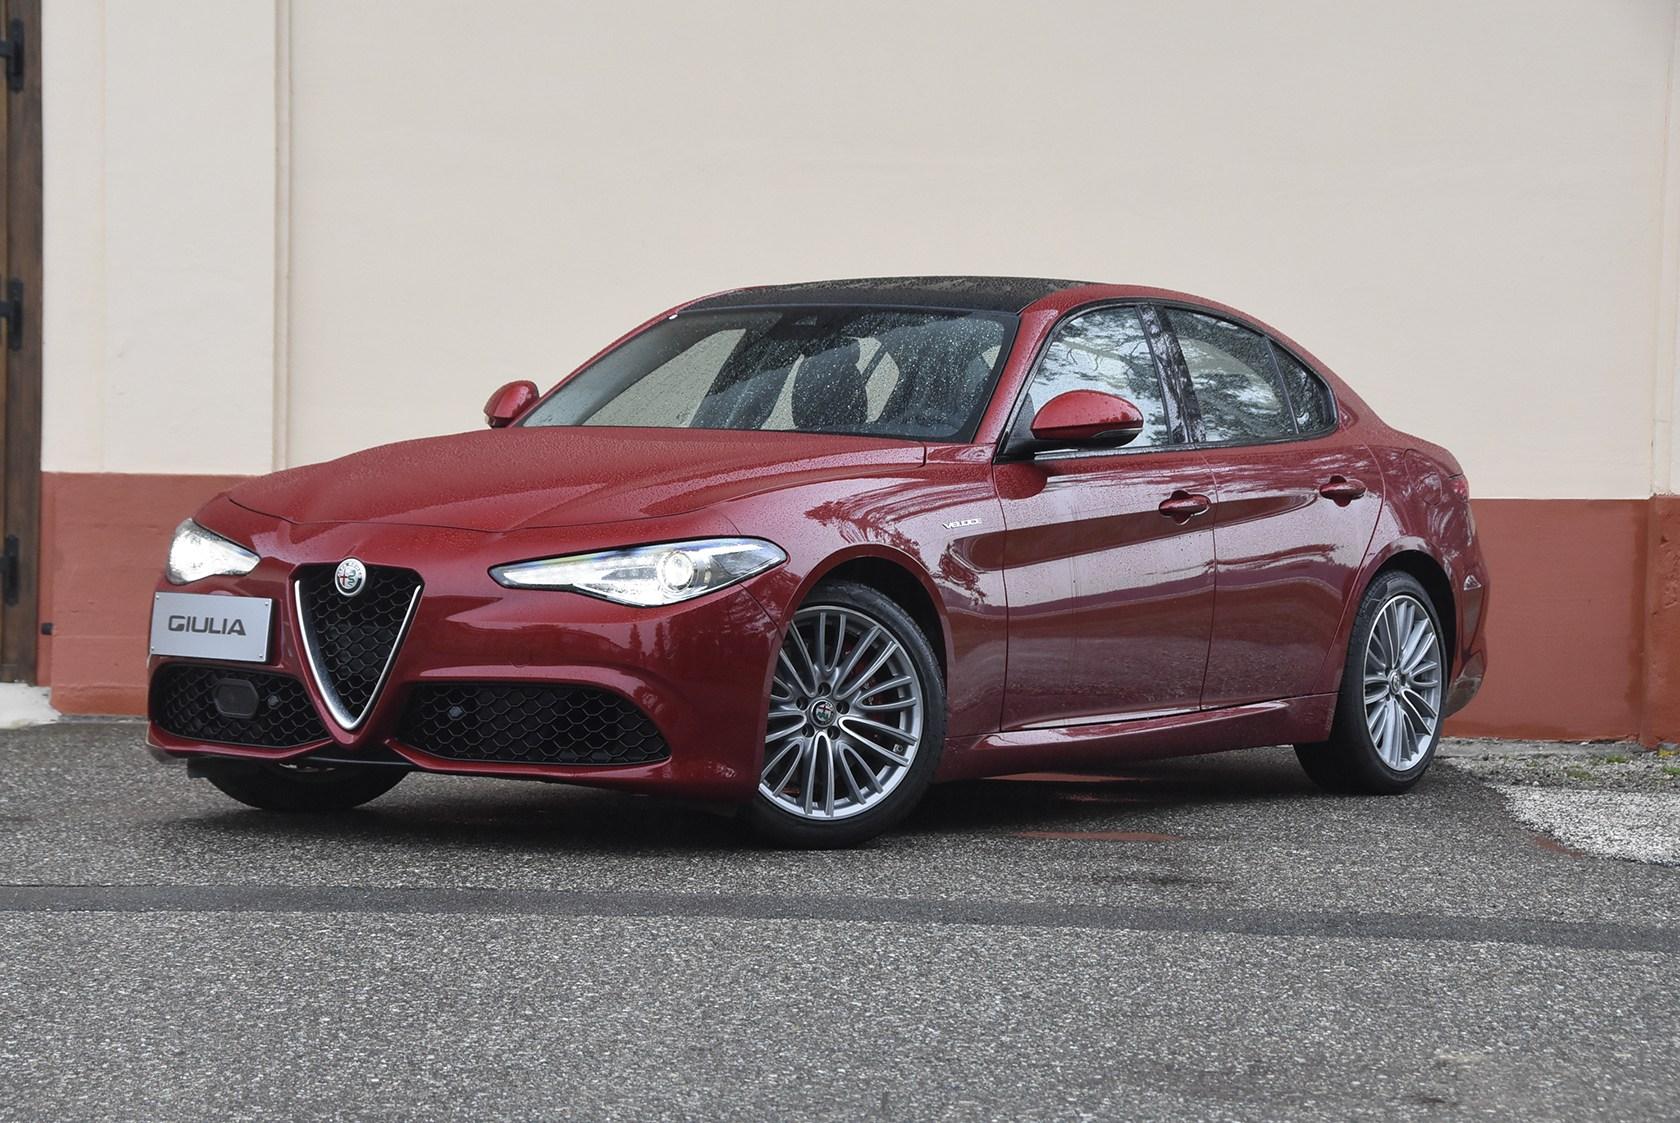 阿尔法·罗密欧Giulia全系售价公布 售33.08-102.80万